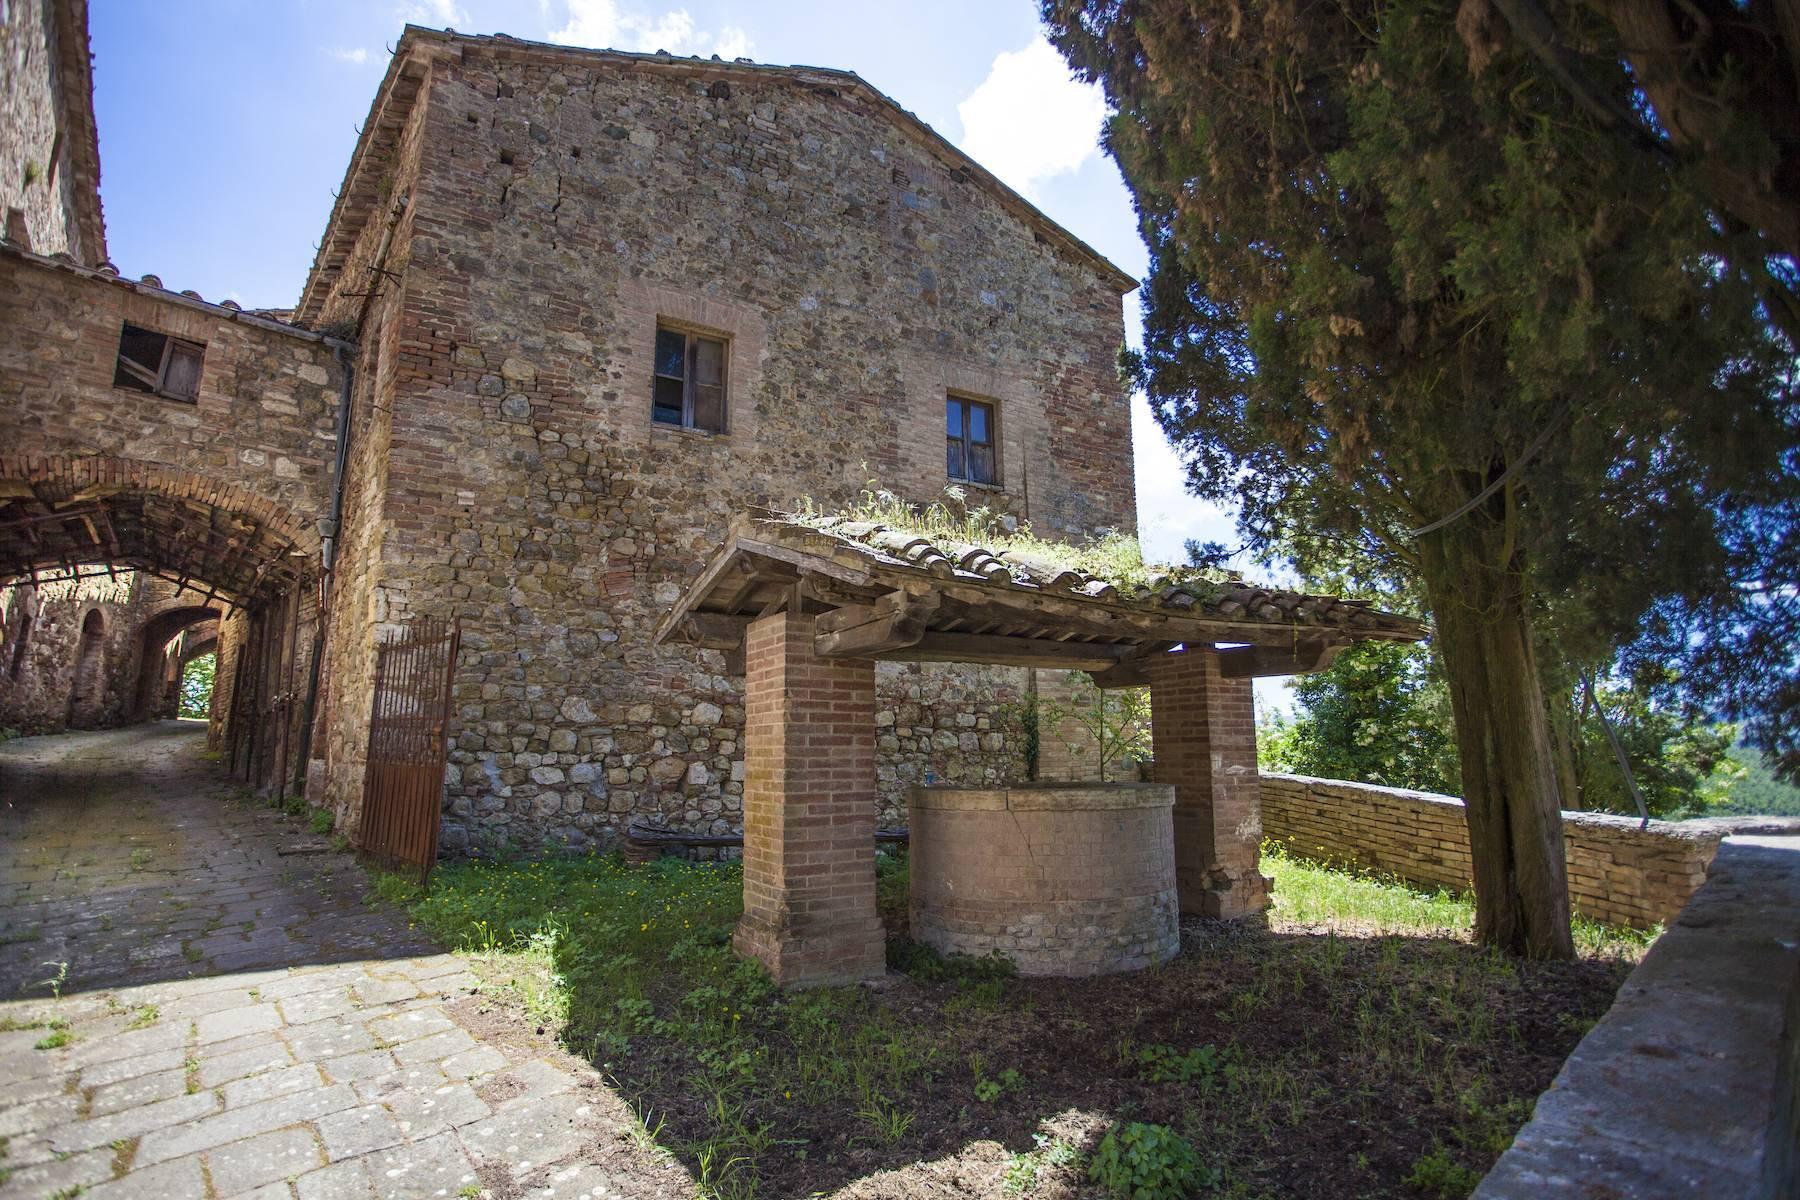 Herrliches Schloss mit Burg aus dem 12. jahrhundert auf dem Land von Siena - 5